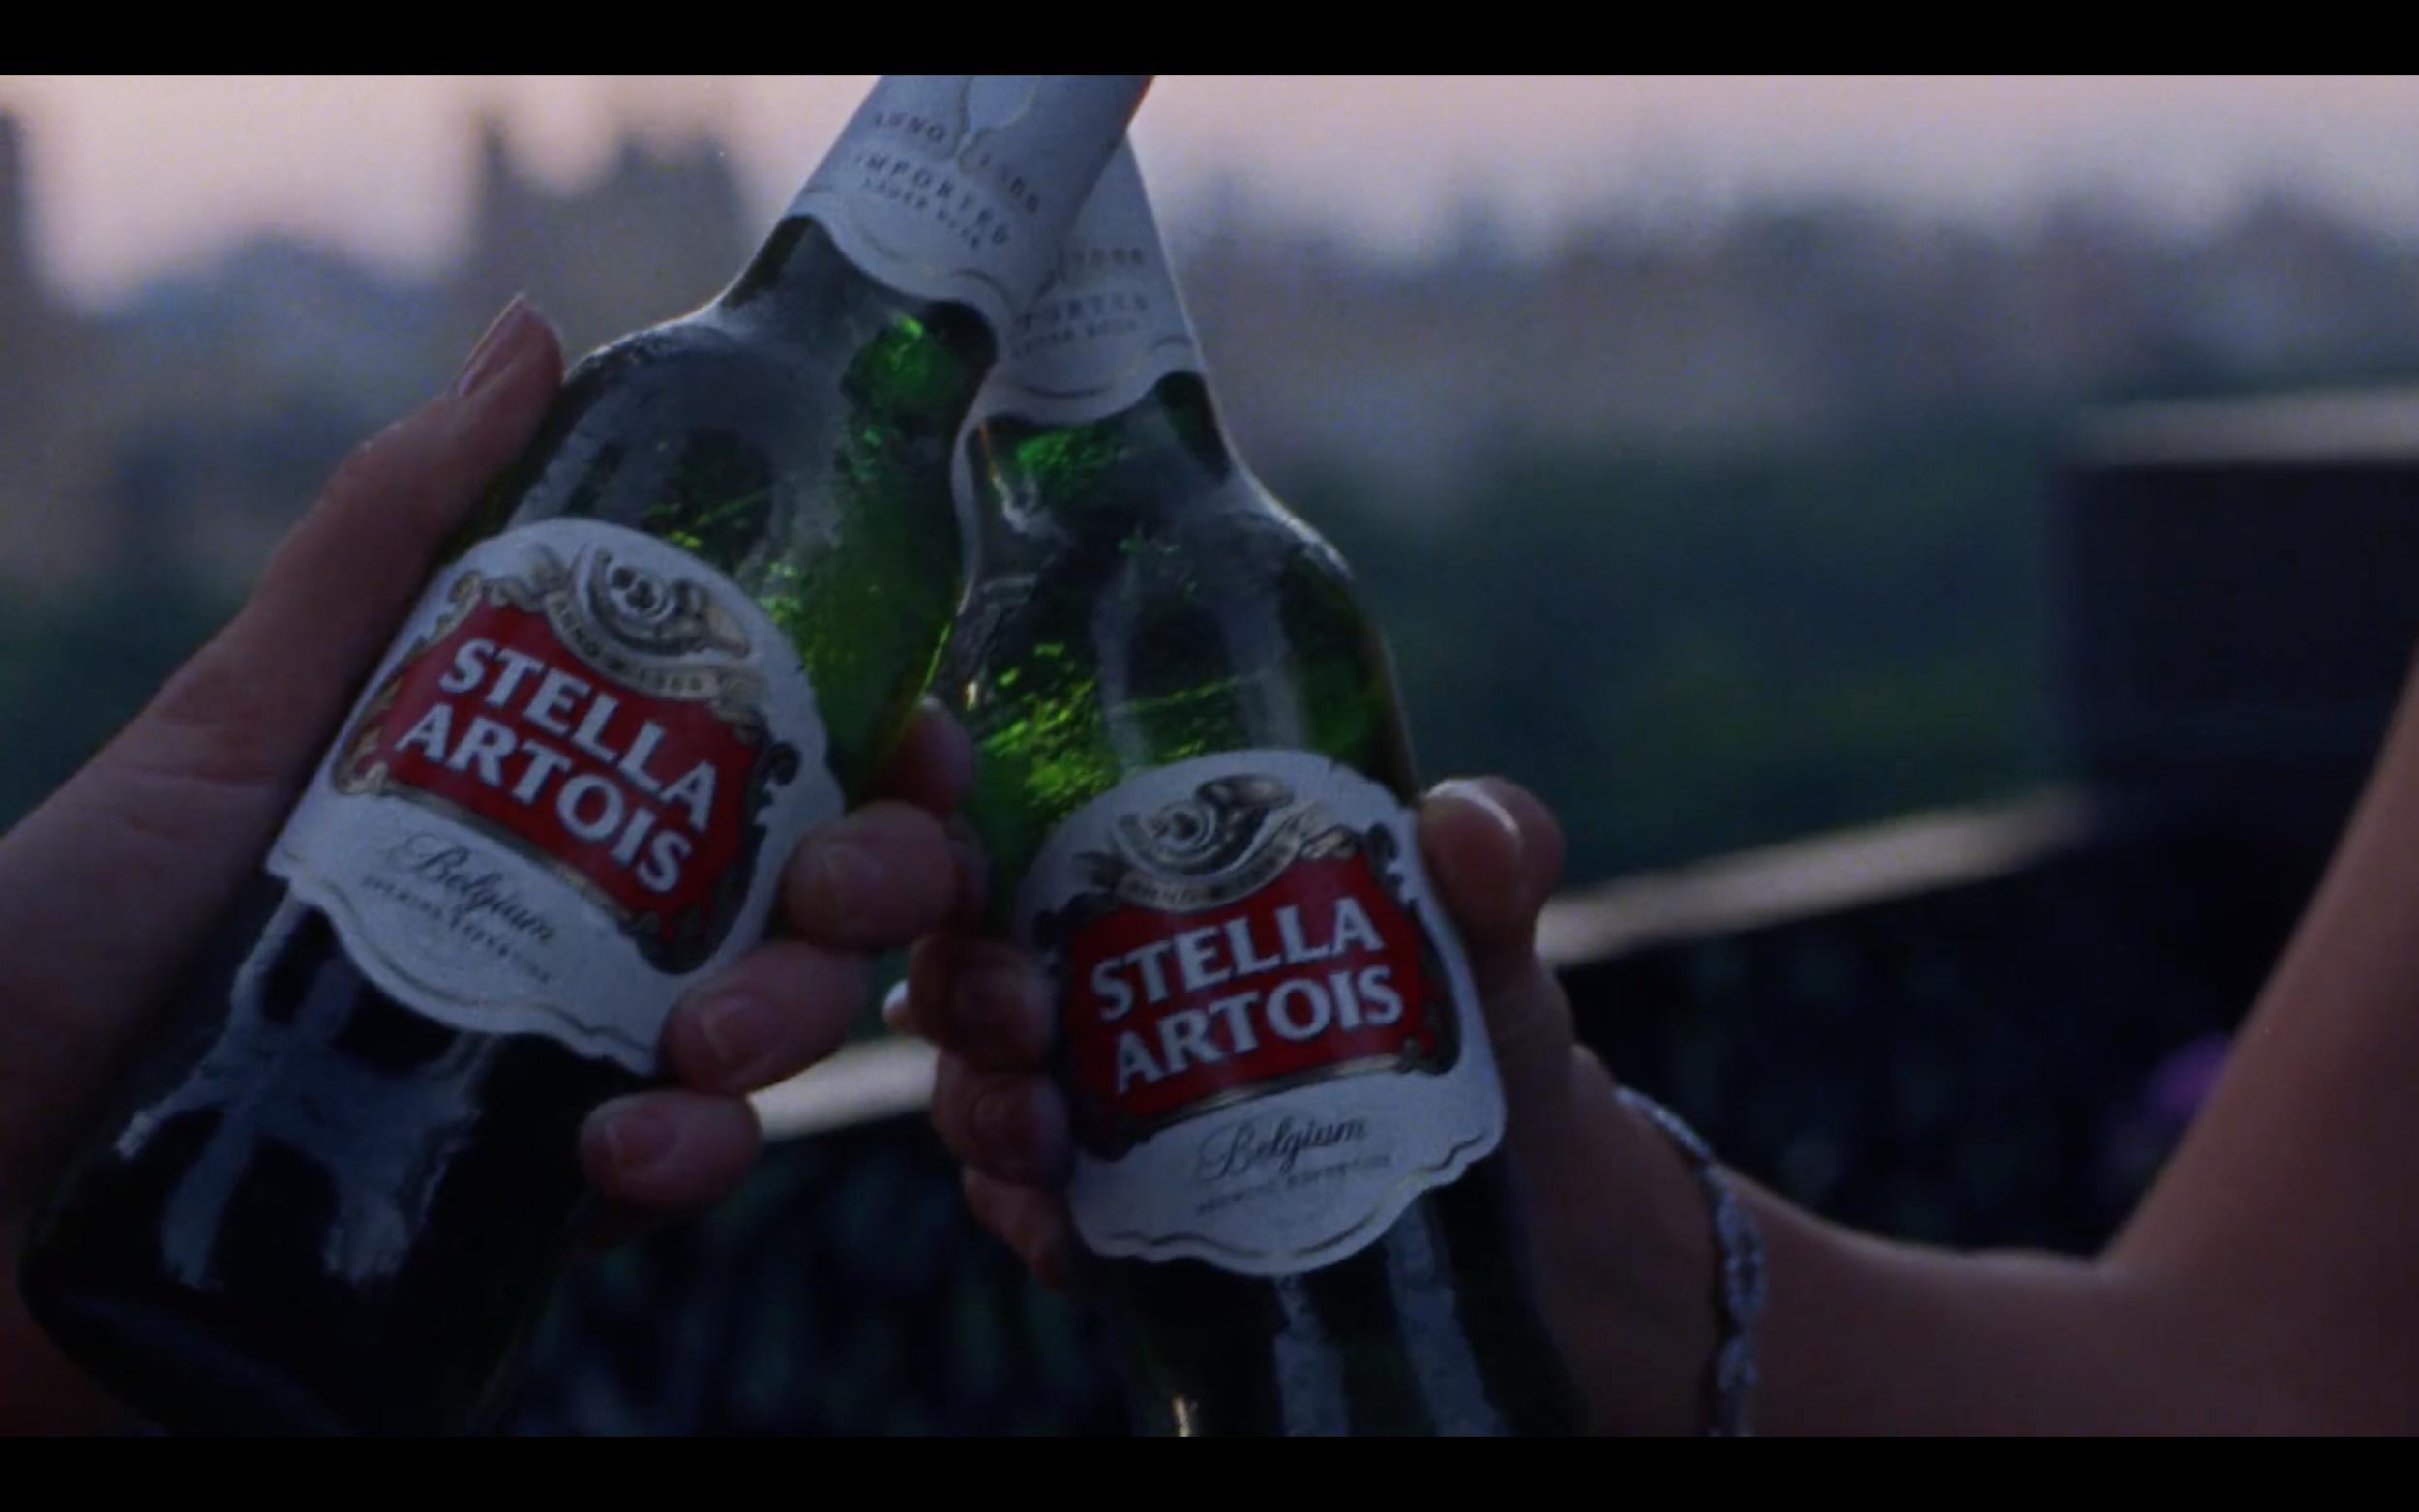 Stella Artois: Bazar